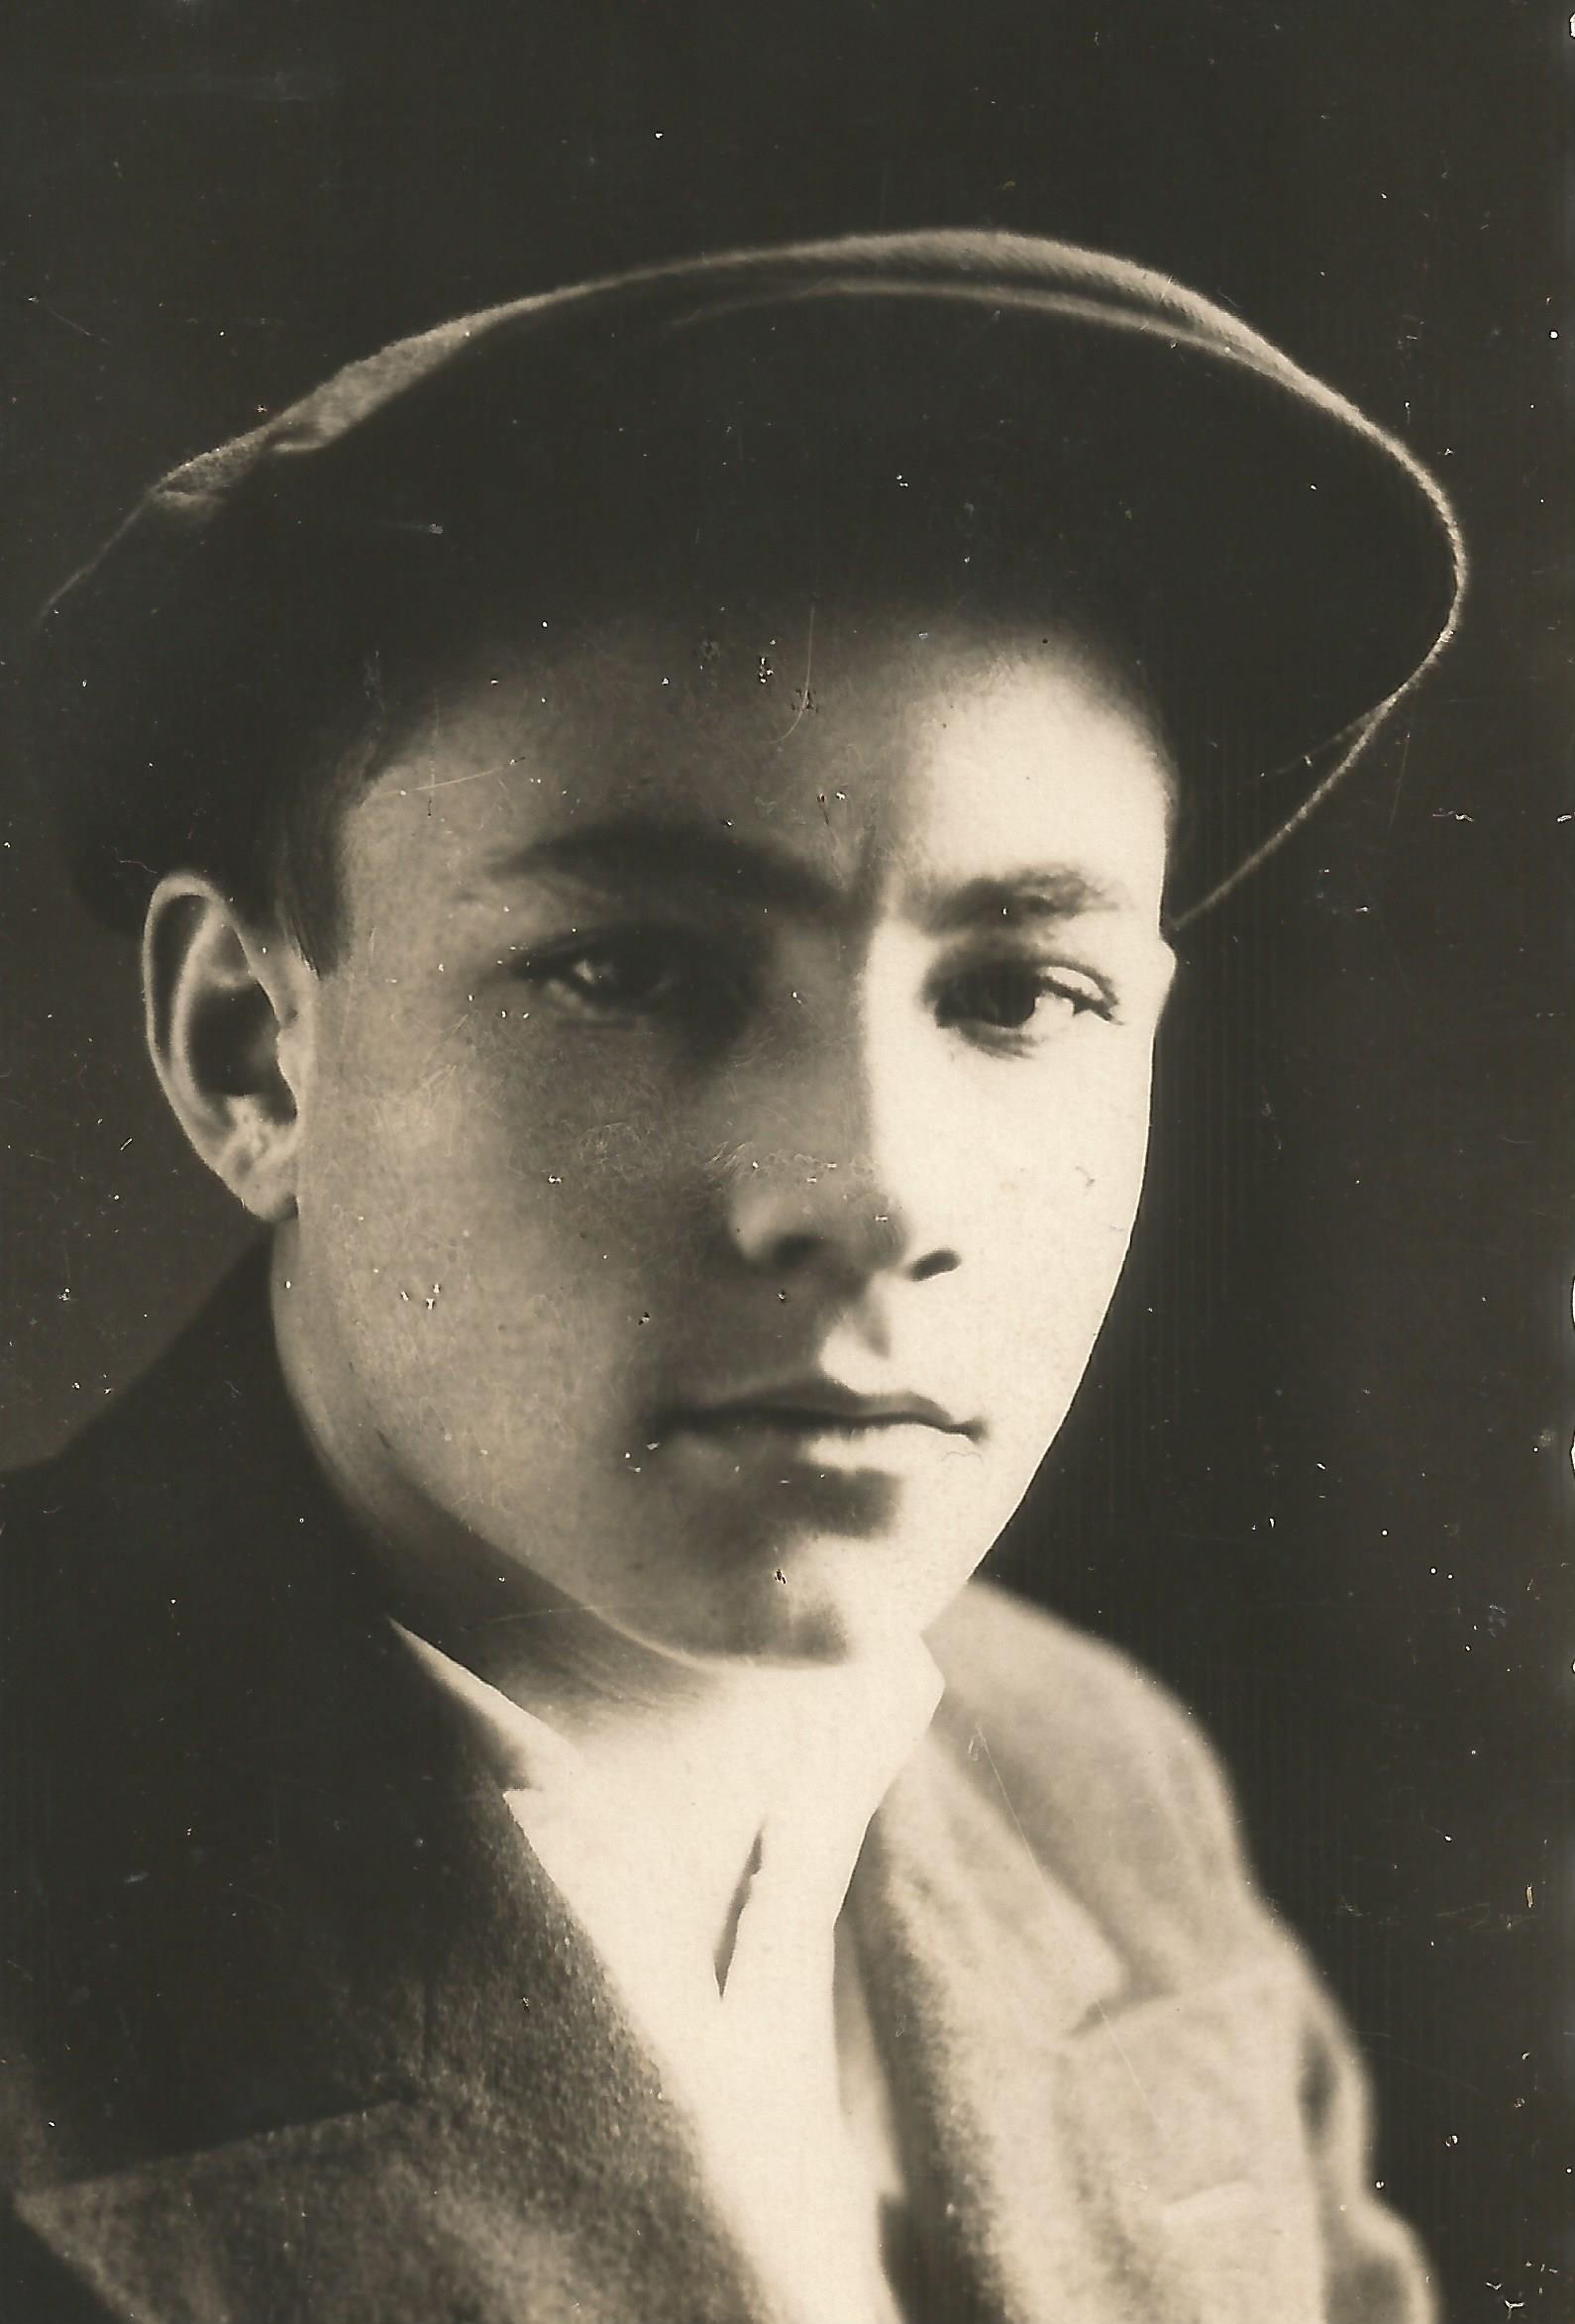 В 1942 году Геннадия Петрова направили на учебу в Хабаровское военно-пехотное училище. Фото: из семейного архива